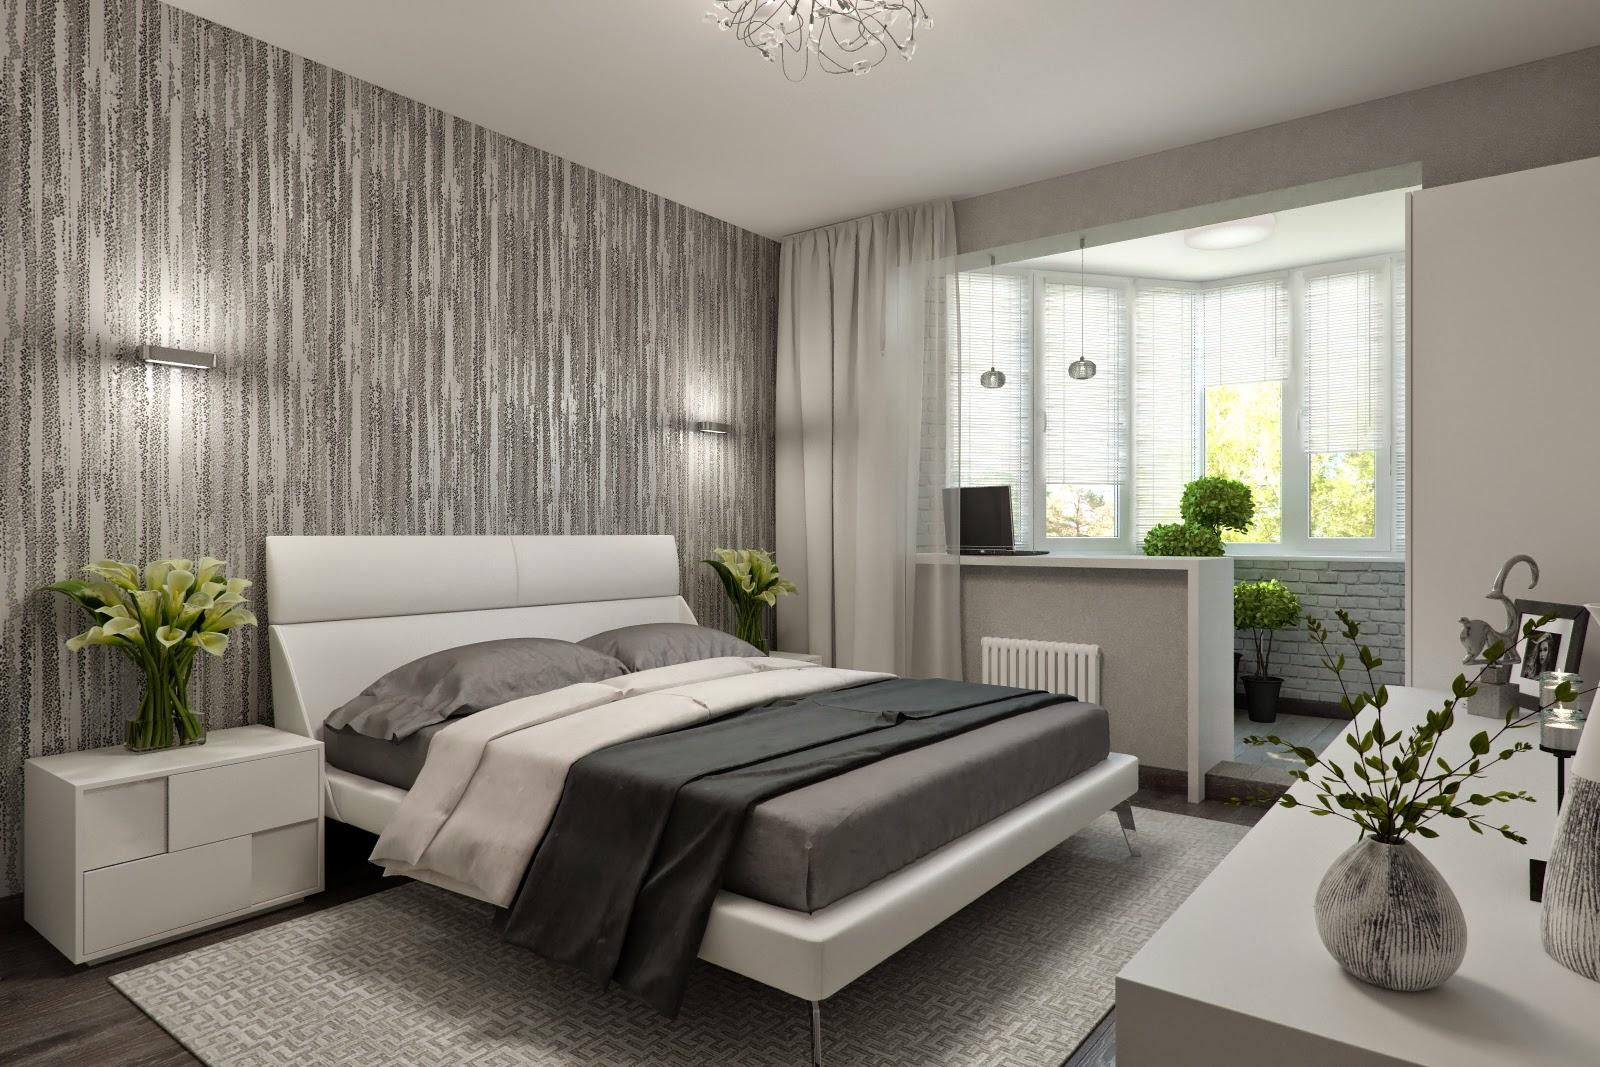 Дизайн спальни - 200 фото идей оформления интерьера спальни.